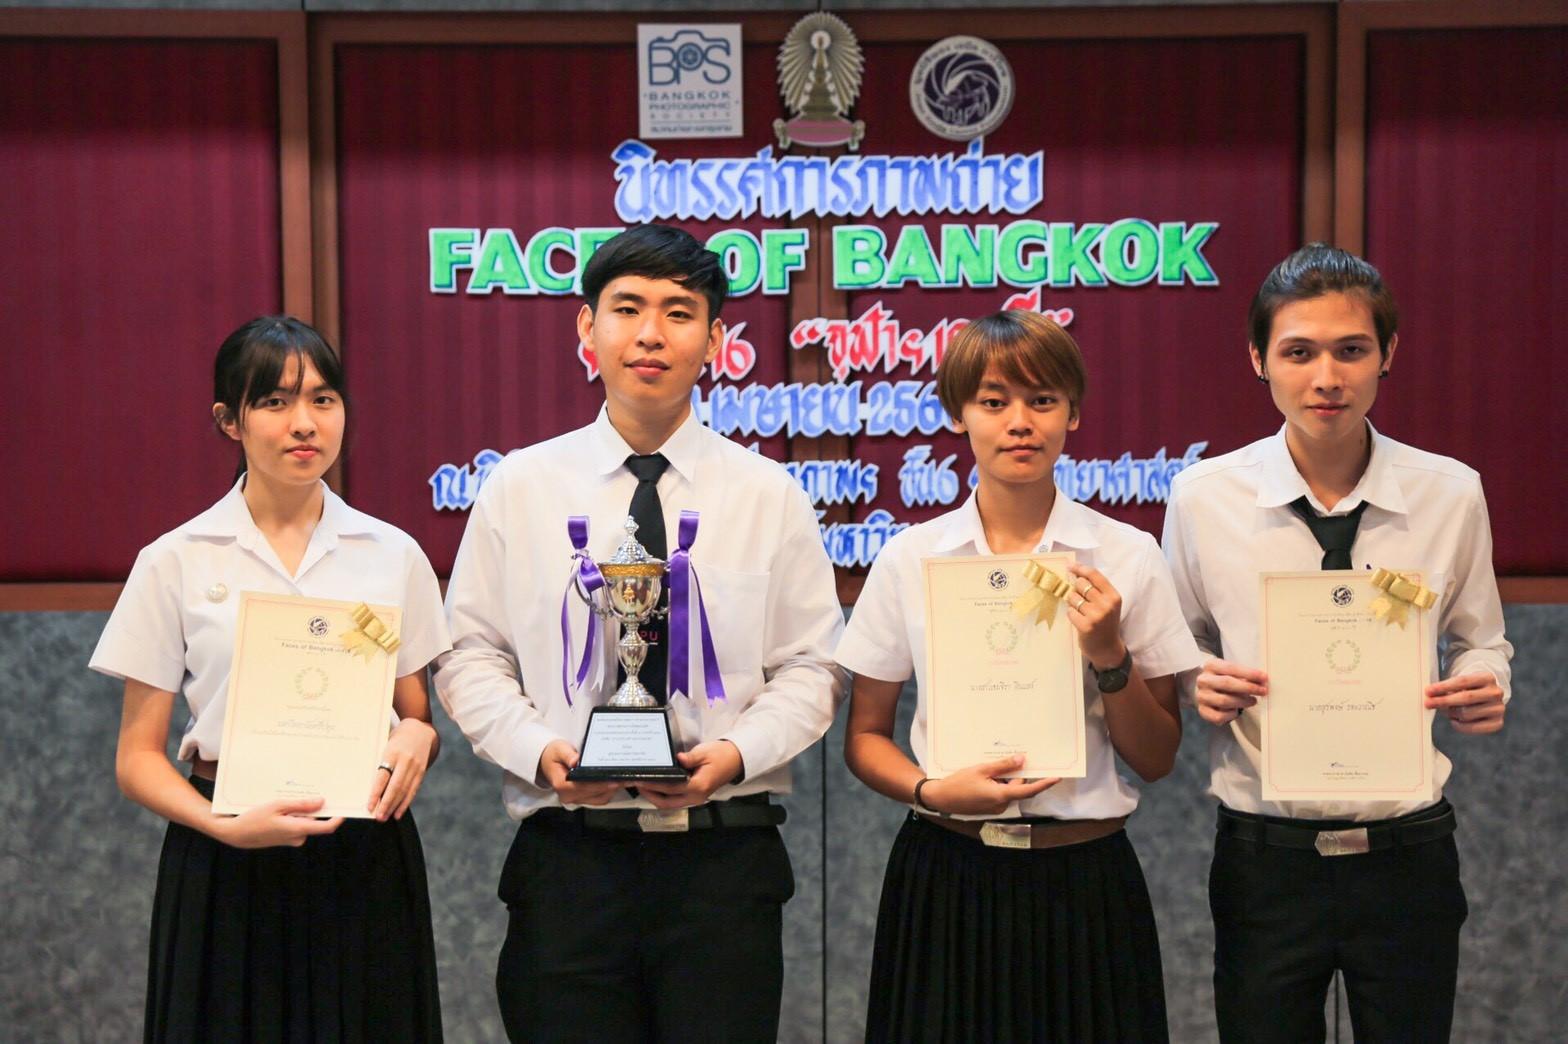 Faces of Bangkok SPU จุฬาฯ100ปี ประกวดภาพถ่าย มหาวิทยาลัยศรีปทุม รับรางวัลชนะเลิศ